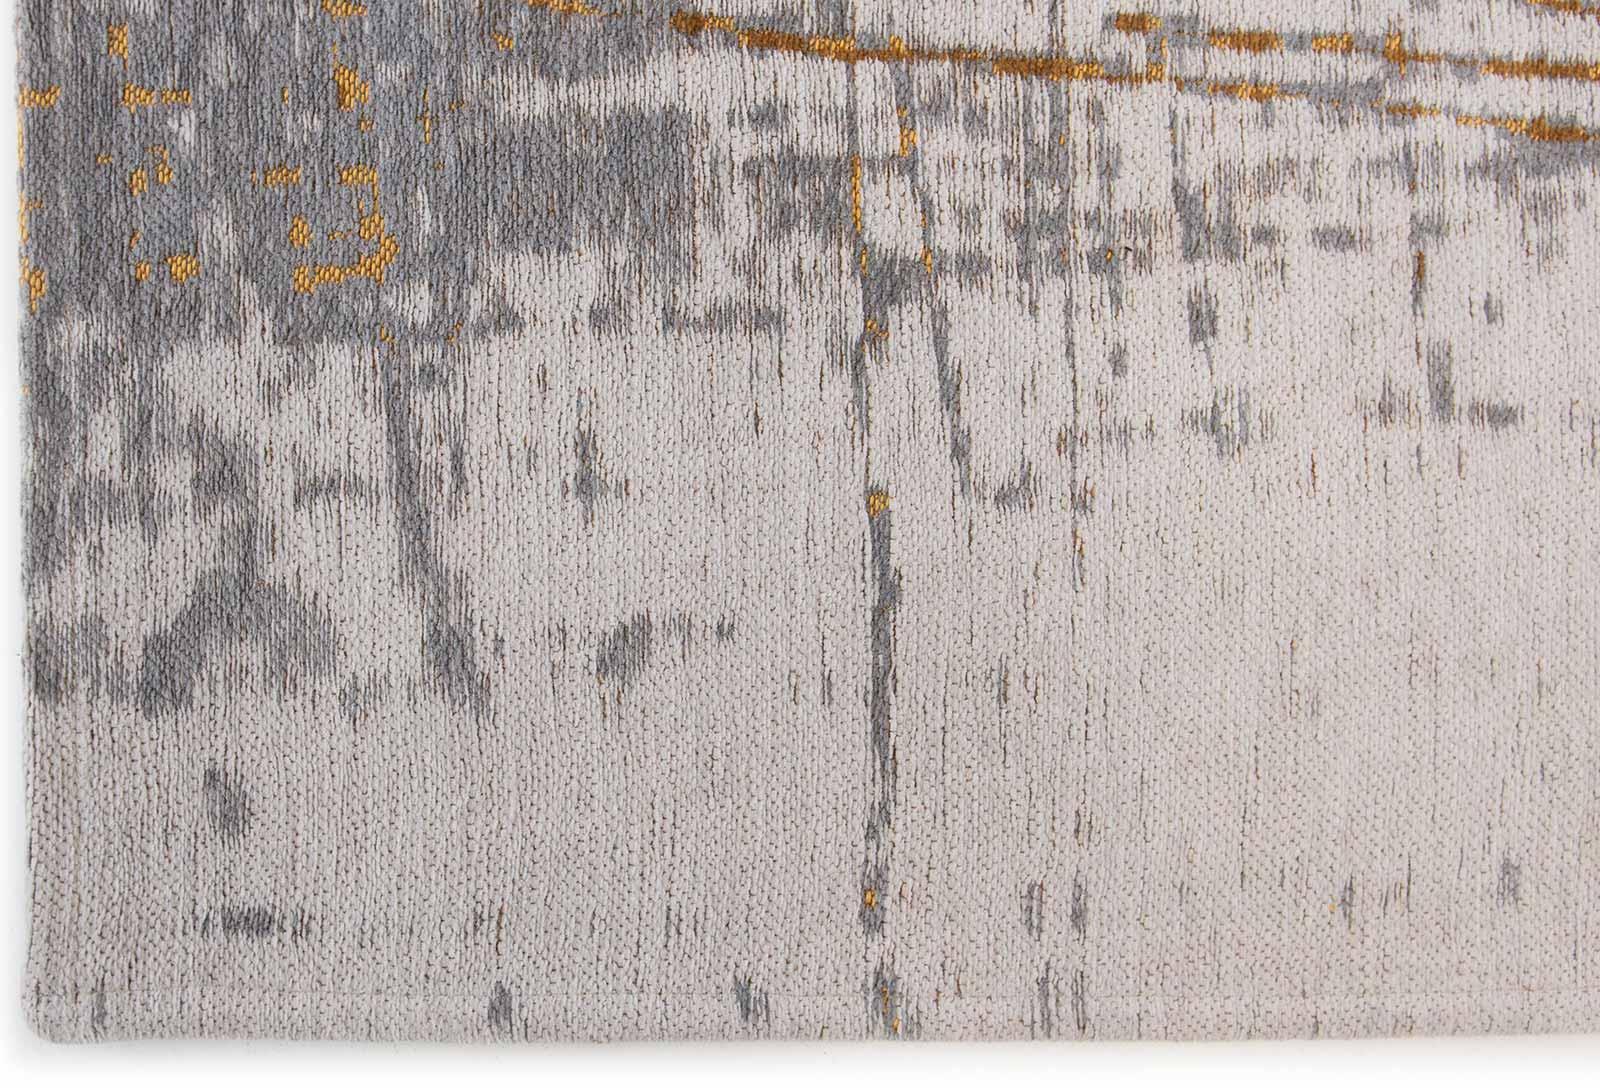 teppich Louis De Poortere LX 8419 Mad Men Griff Columbus Gold corner